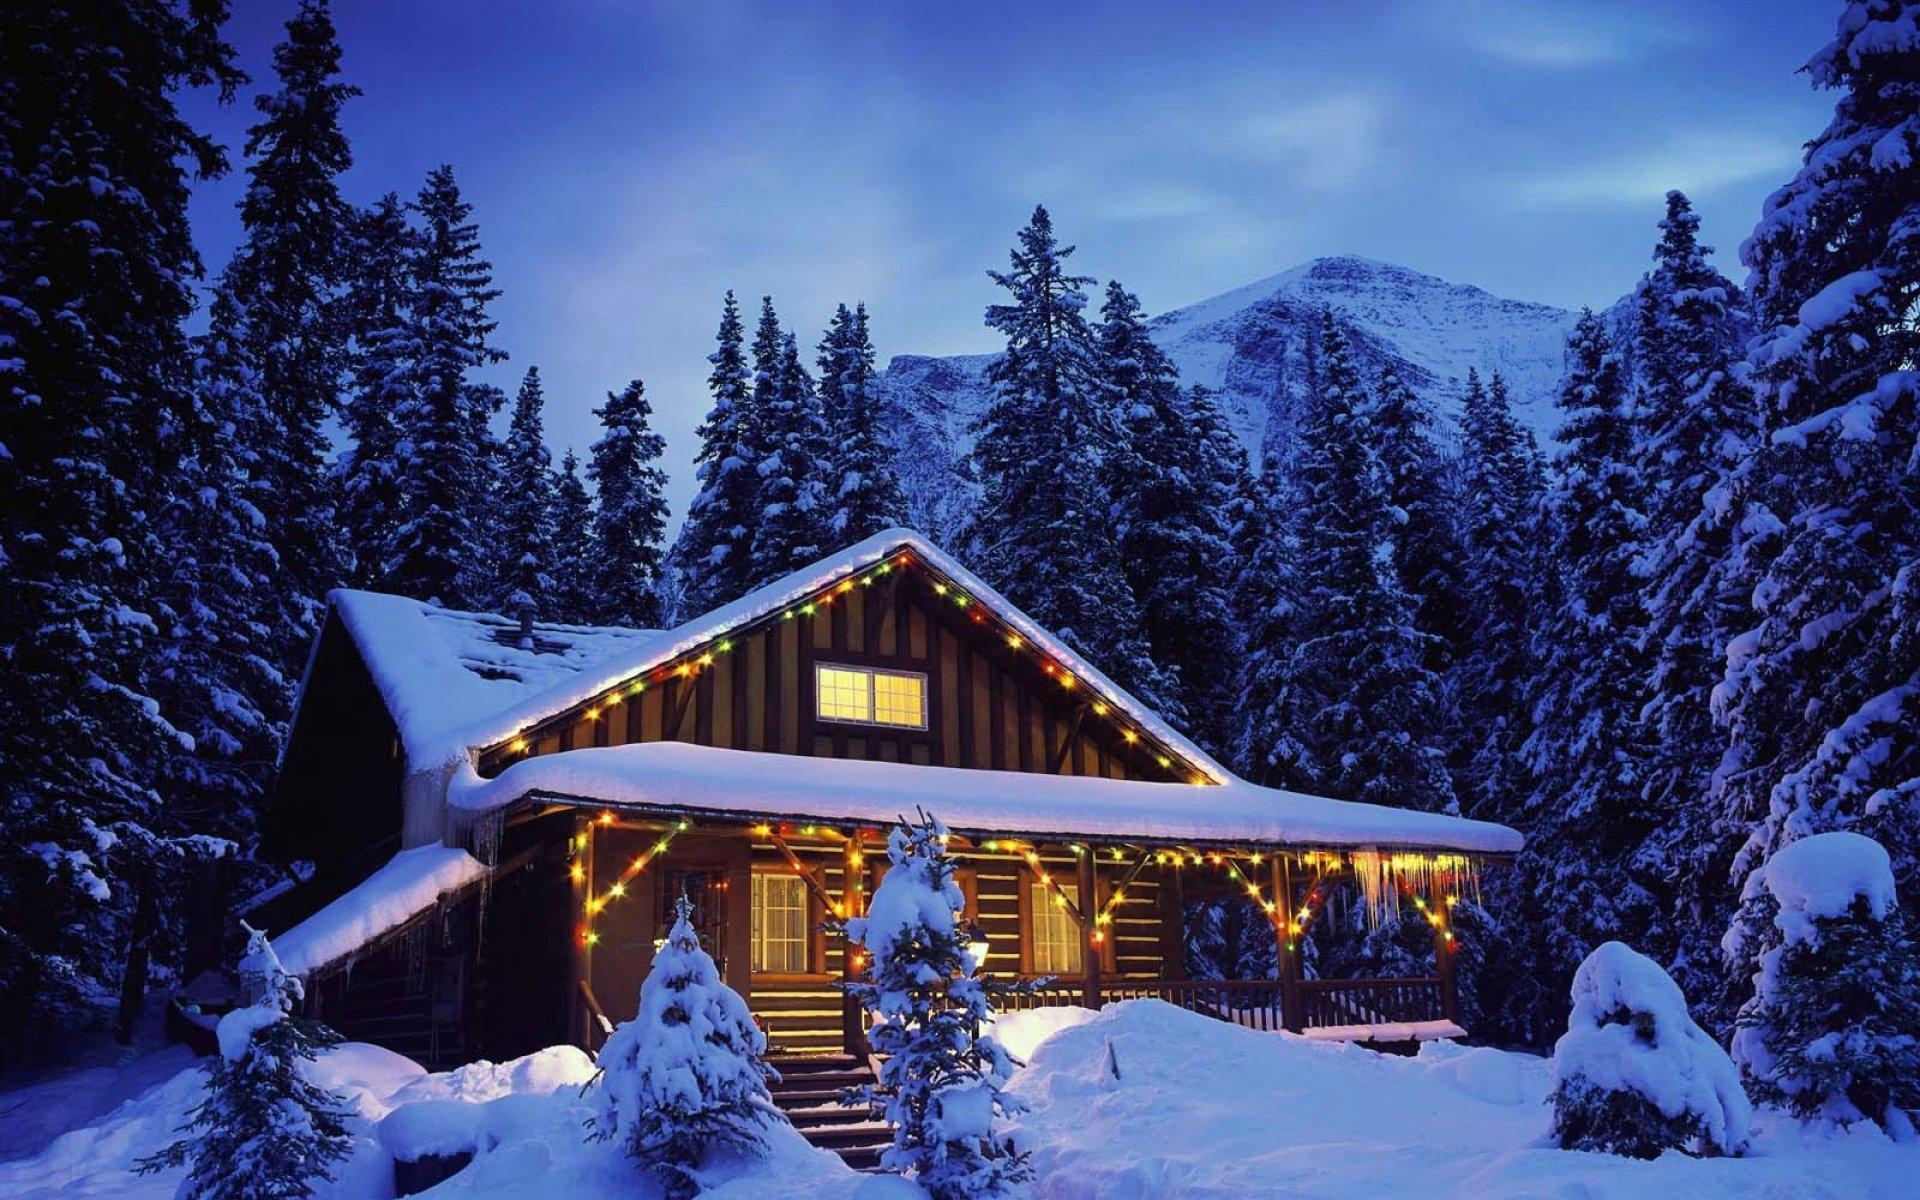 christmas cabin wallpaper 719562. Black Bedroom Furniture Sets. Home Design Ideas